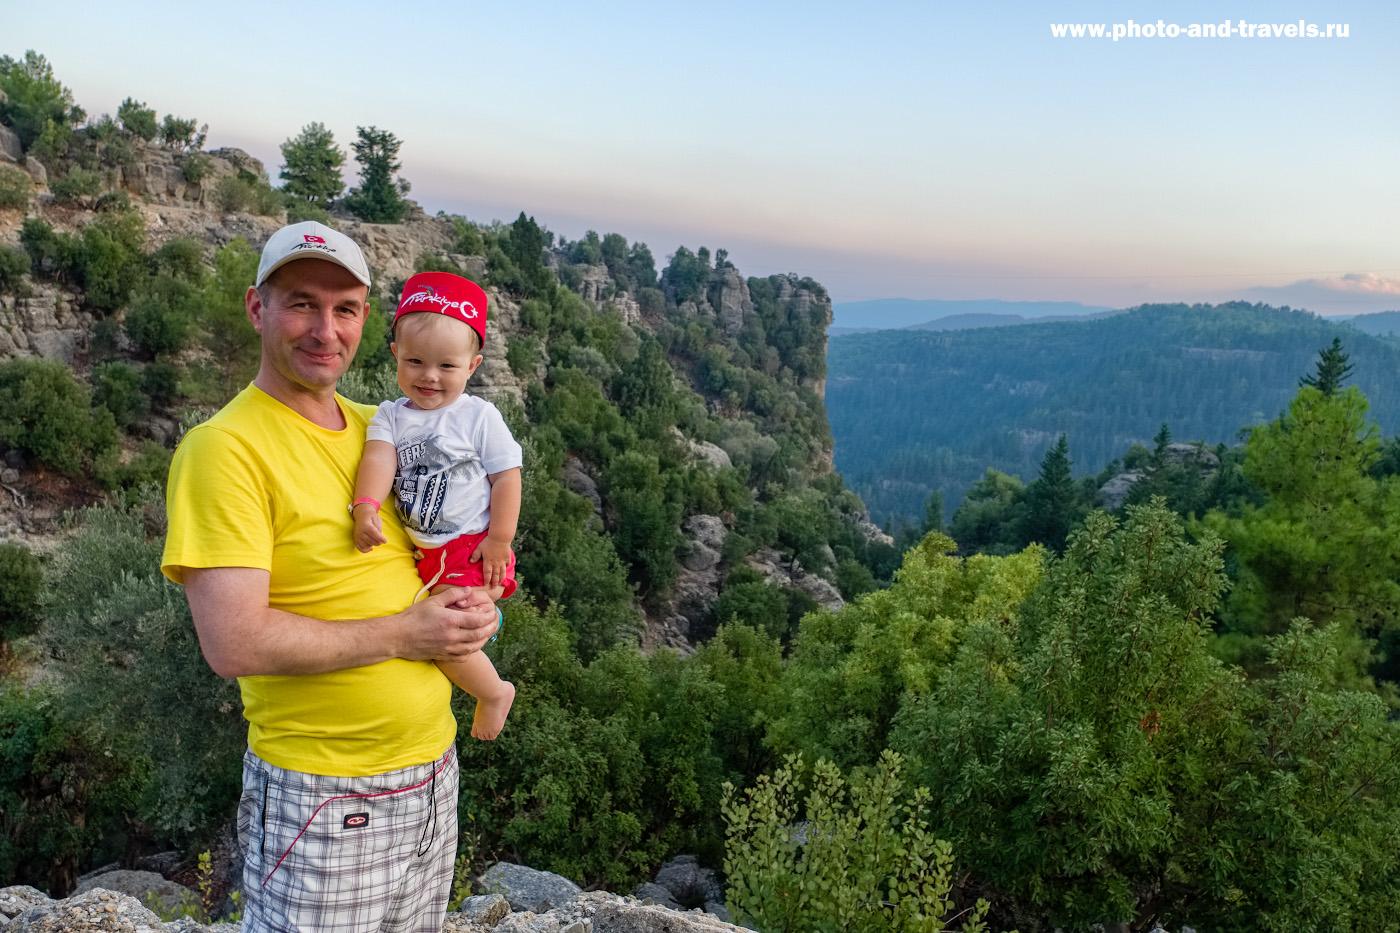 3. Когда сыну исполнилось 1 год и 3 месяца, мы отправились в путешествие в Турцию. Здесь мини-рисоварка нам бы не помешала. Снято на беззеркалку Фуджи Х-Т10 с объективом Фуджинон 16-55/2,8. Параметры: 1/420, 2.8, 200, -0.33, 16.